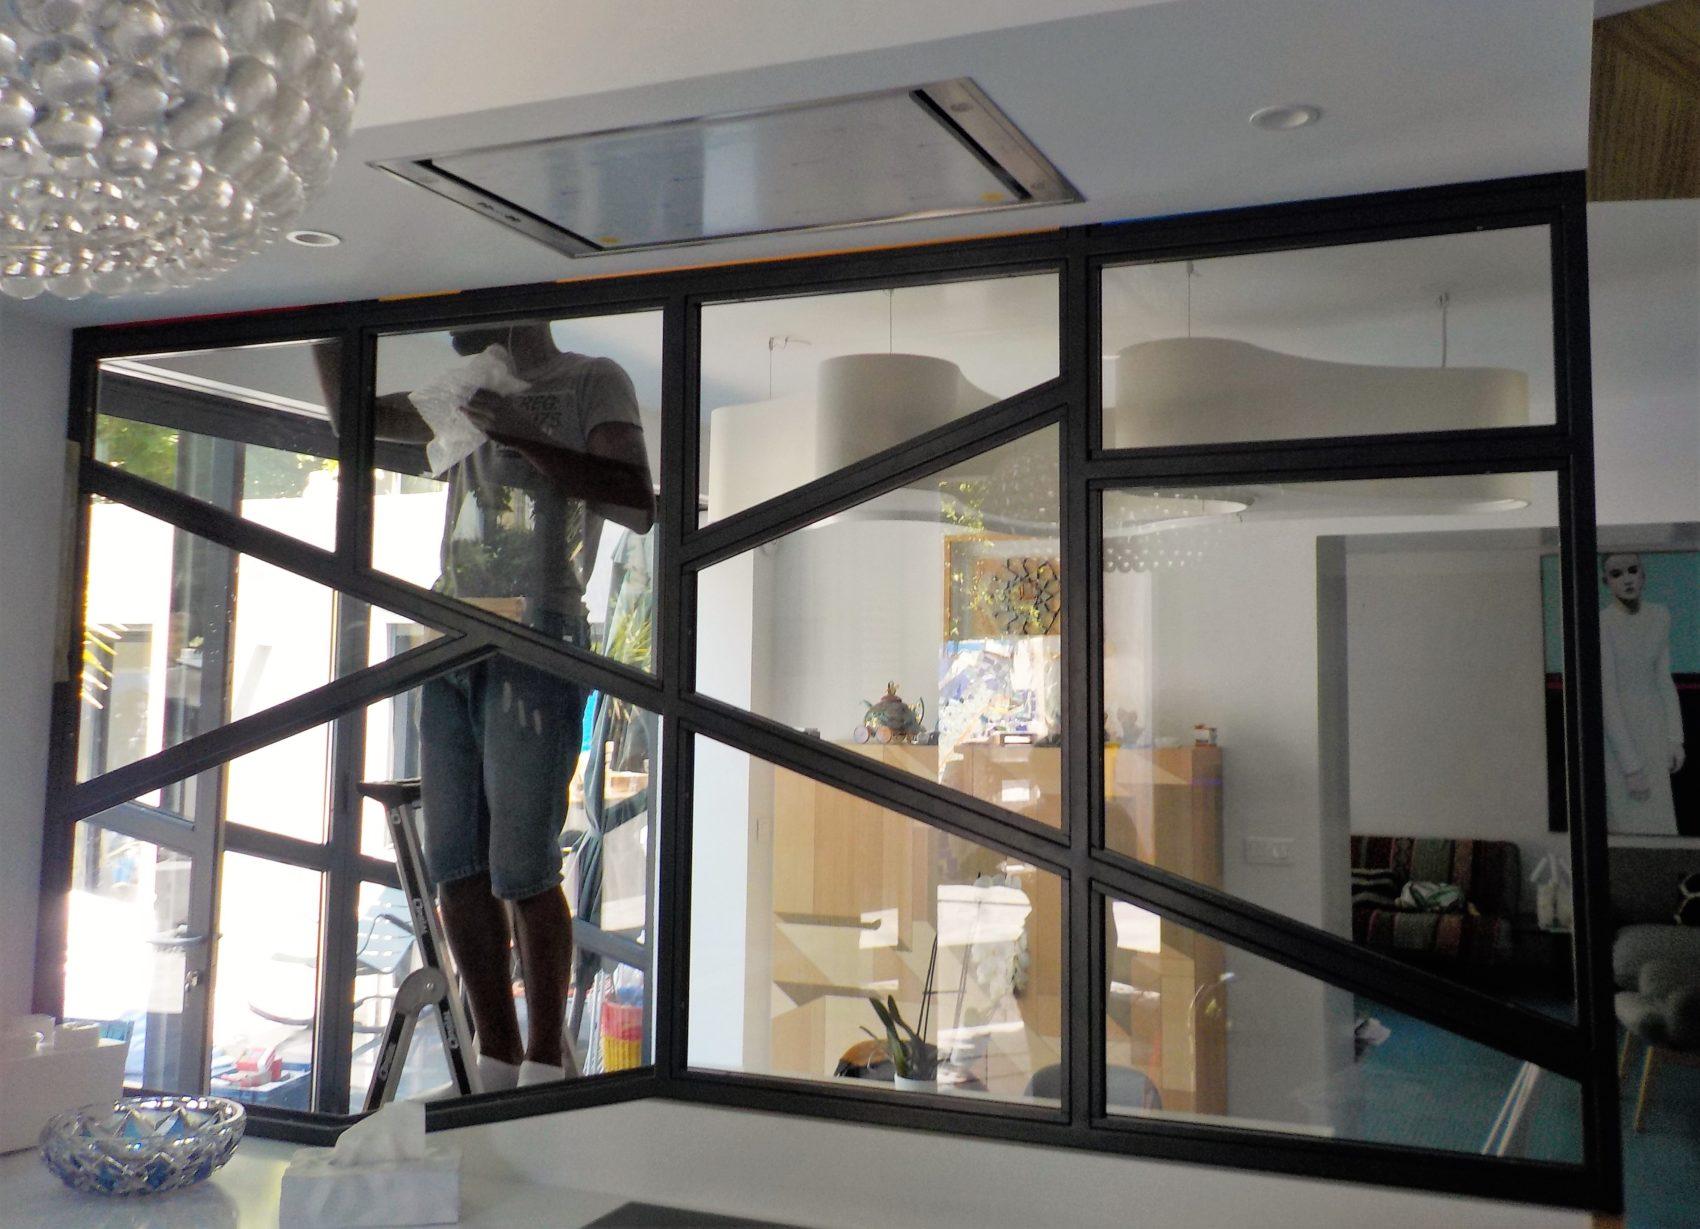 verrière cuisine avec verres colorés chantier - Inoxngo